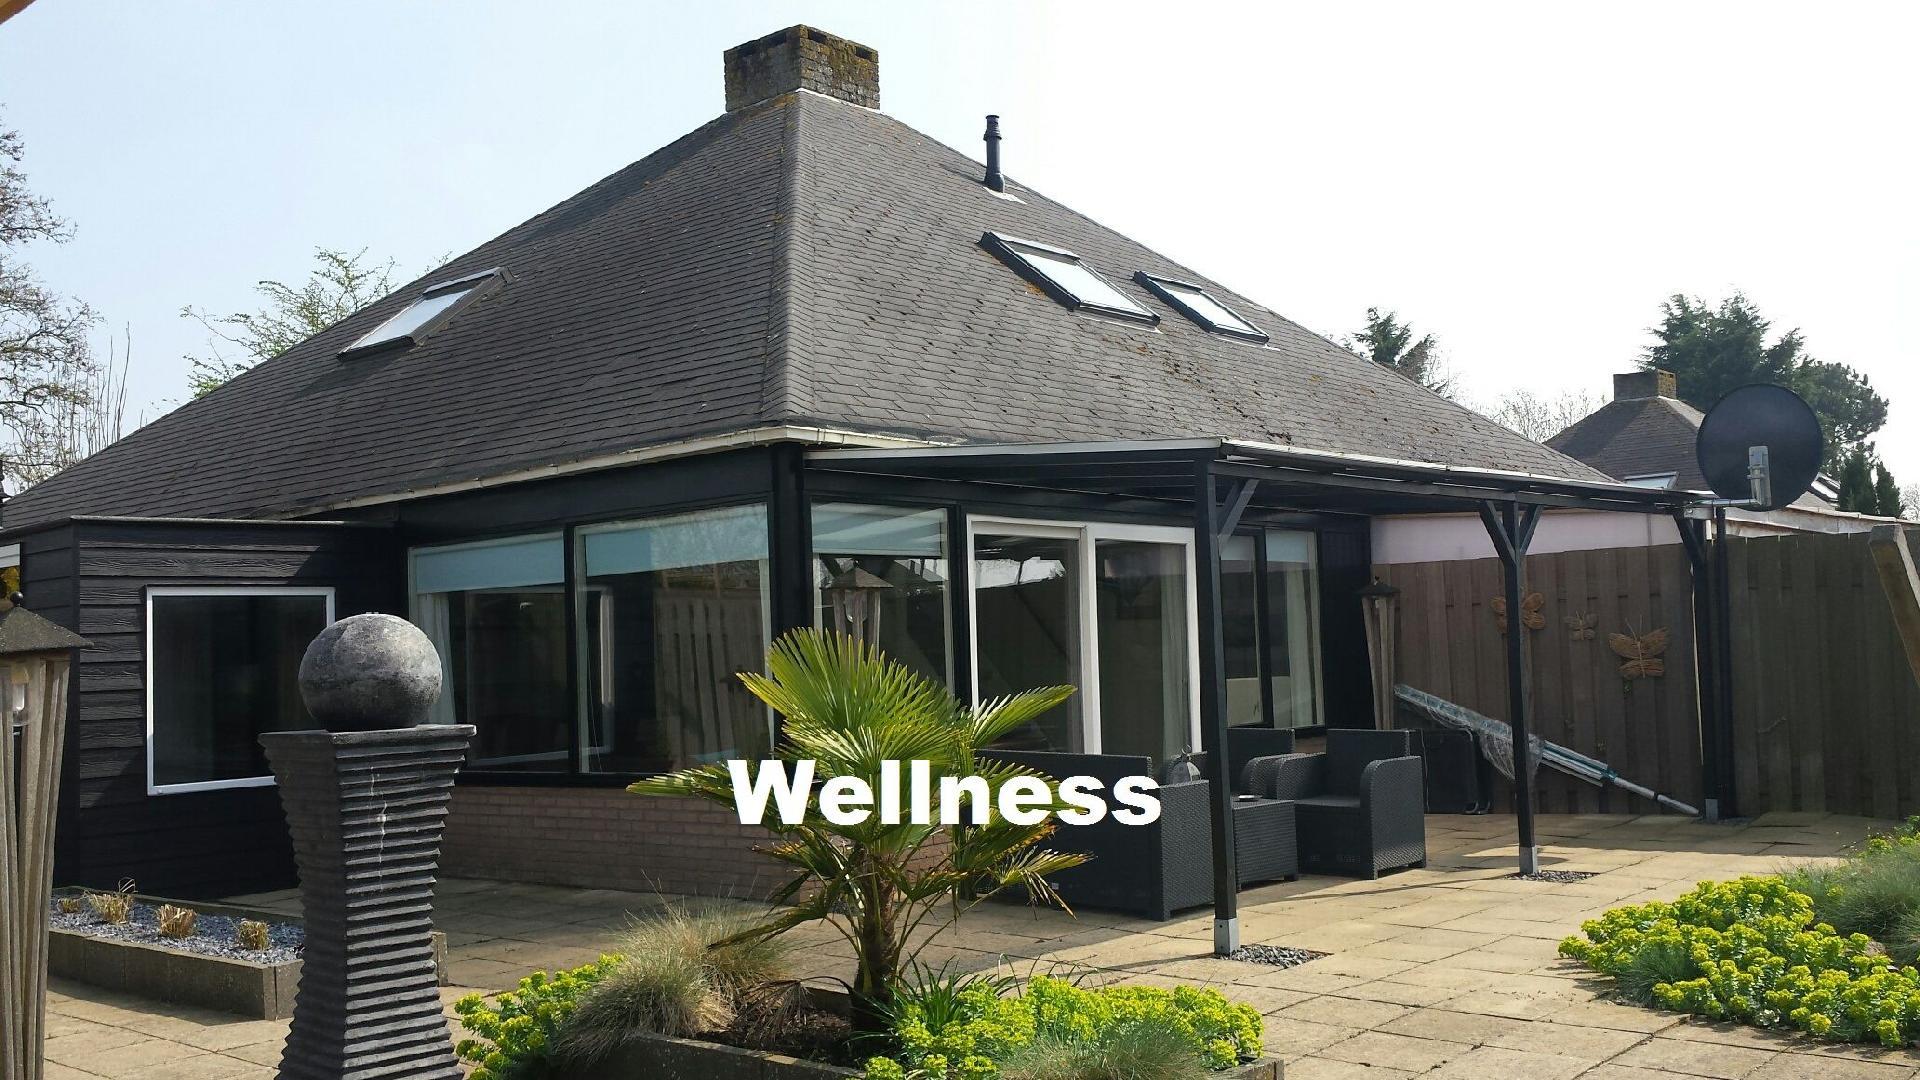 Ferienhaus für 4 Personen ca 65 m² in Stavenisse Zeeland Küste von Zeeland